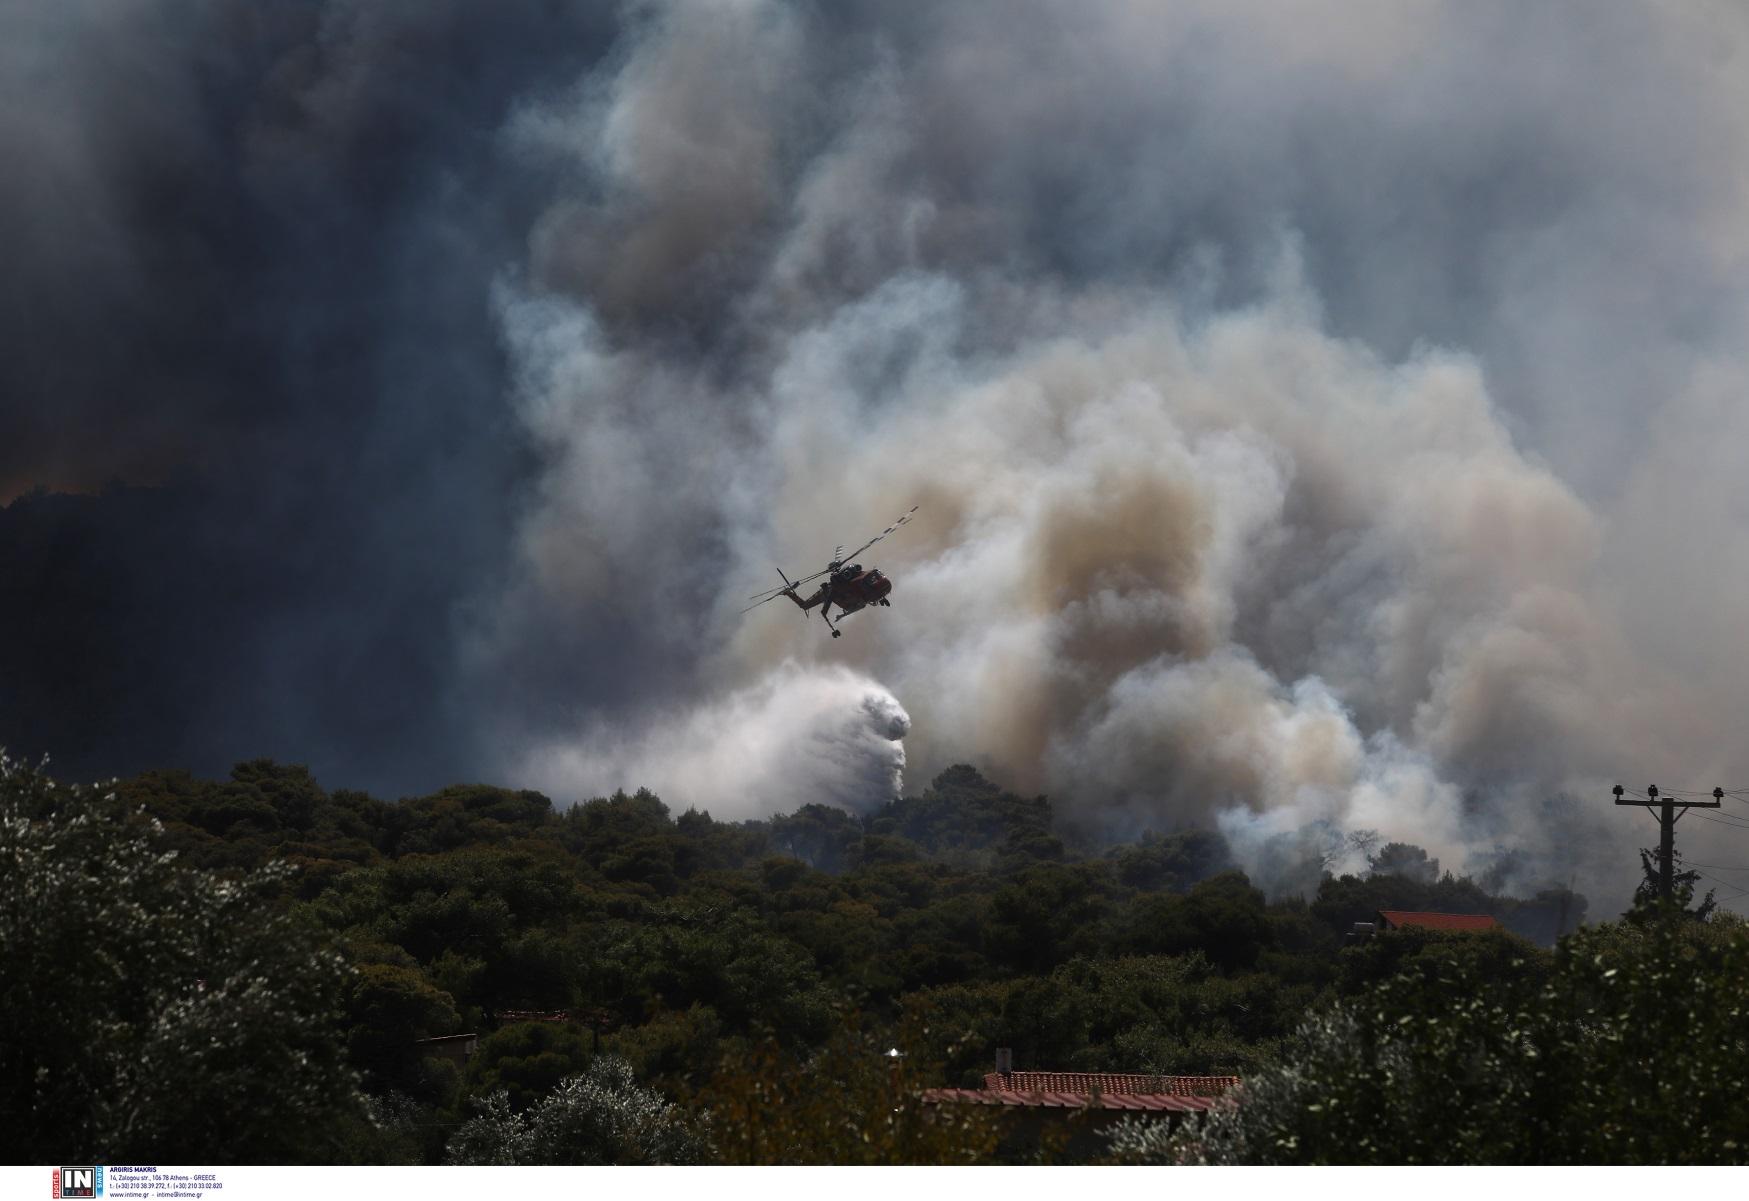 Φωτιές – Πολιτική Προστασία: Πολύ μεγάλος κίνδυνος πυρκαγιών την Πέμπτη 19/08